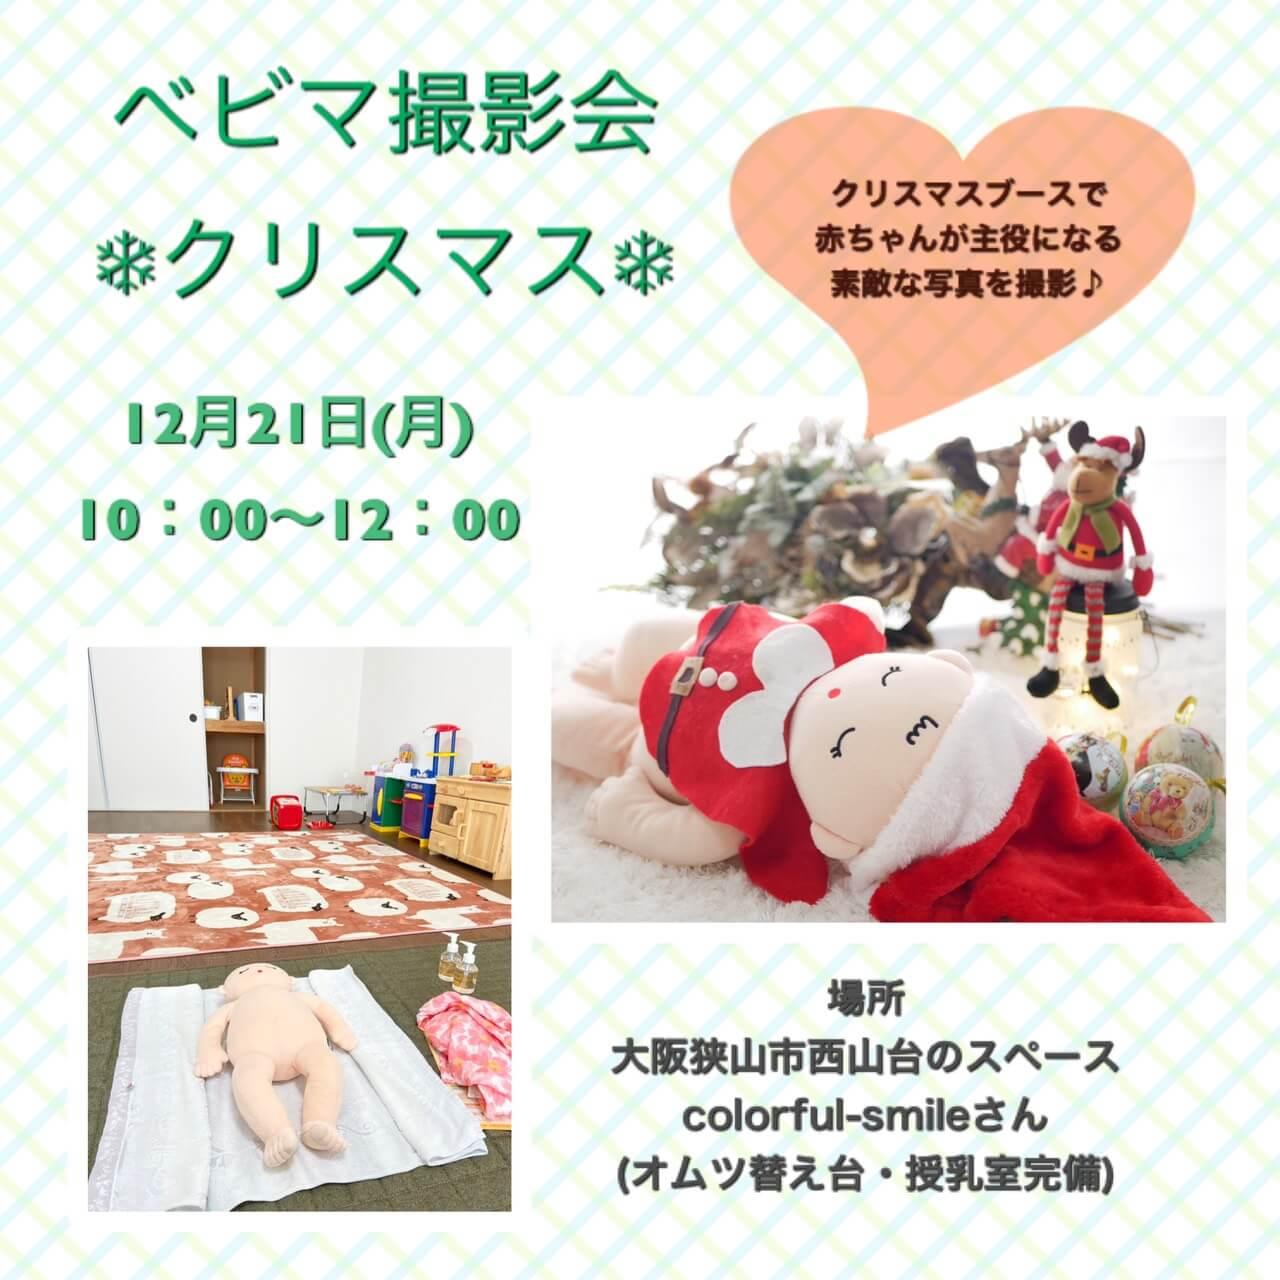 【12月21日】ベビマ撮影会「クリスマス」 (1)